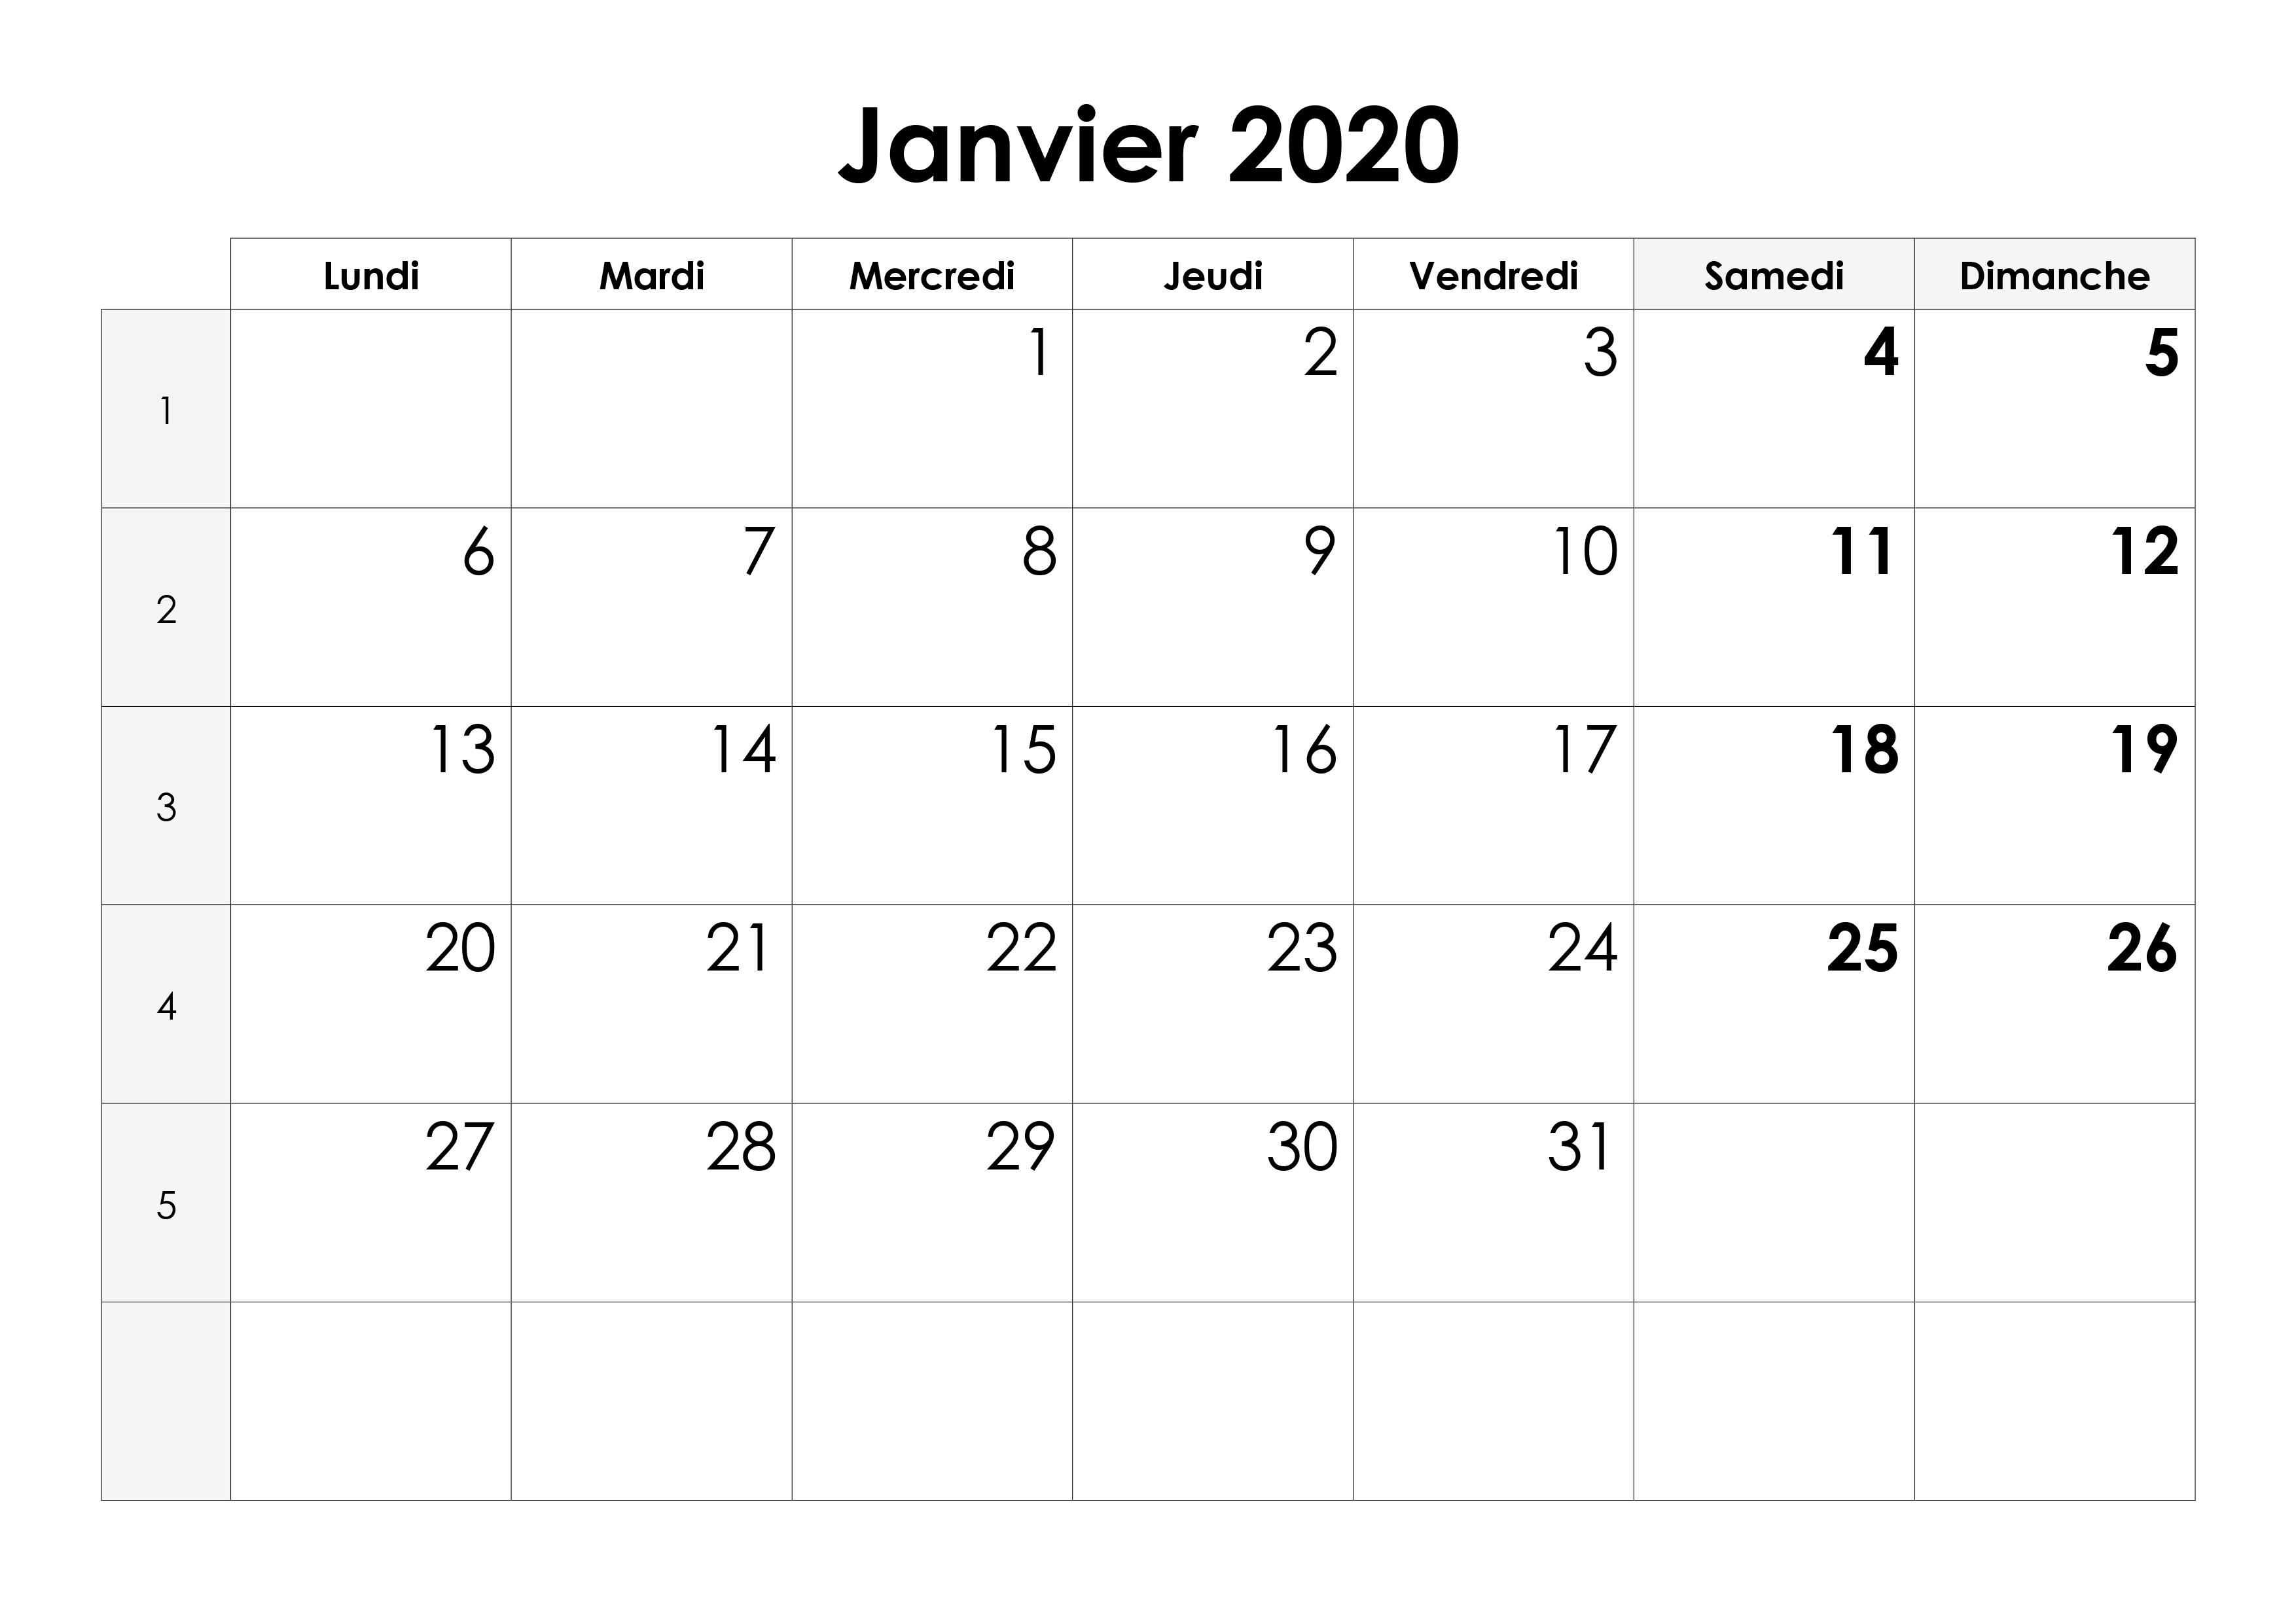 Calendrier Coupe Du Monde 2020 Pdf.Calendrier 2020 A Imprimer Pdf